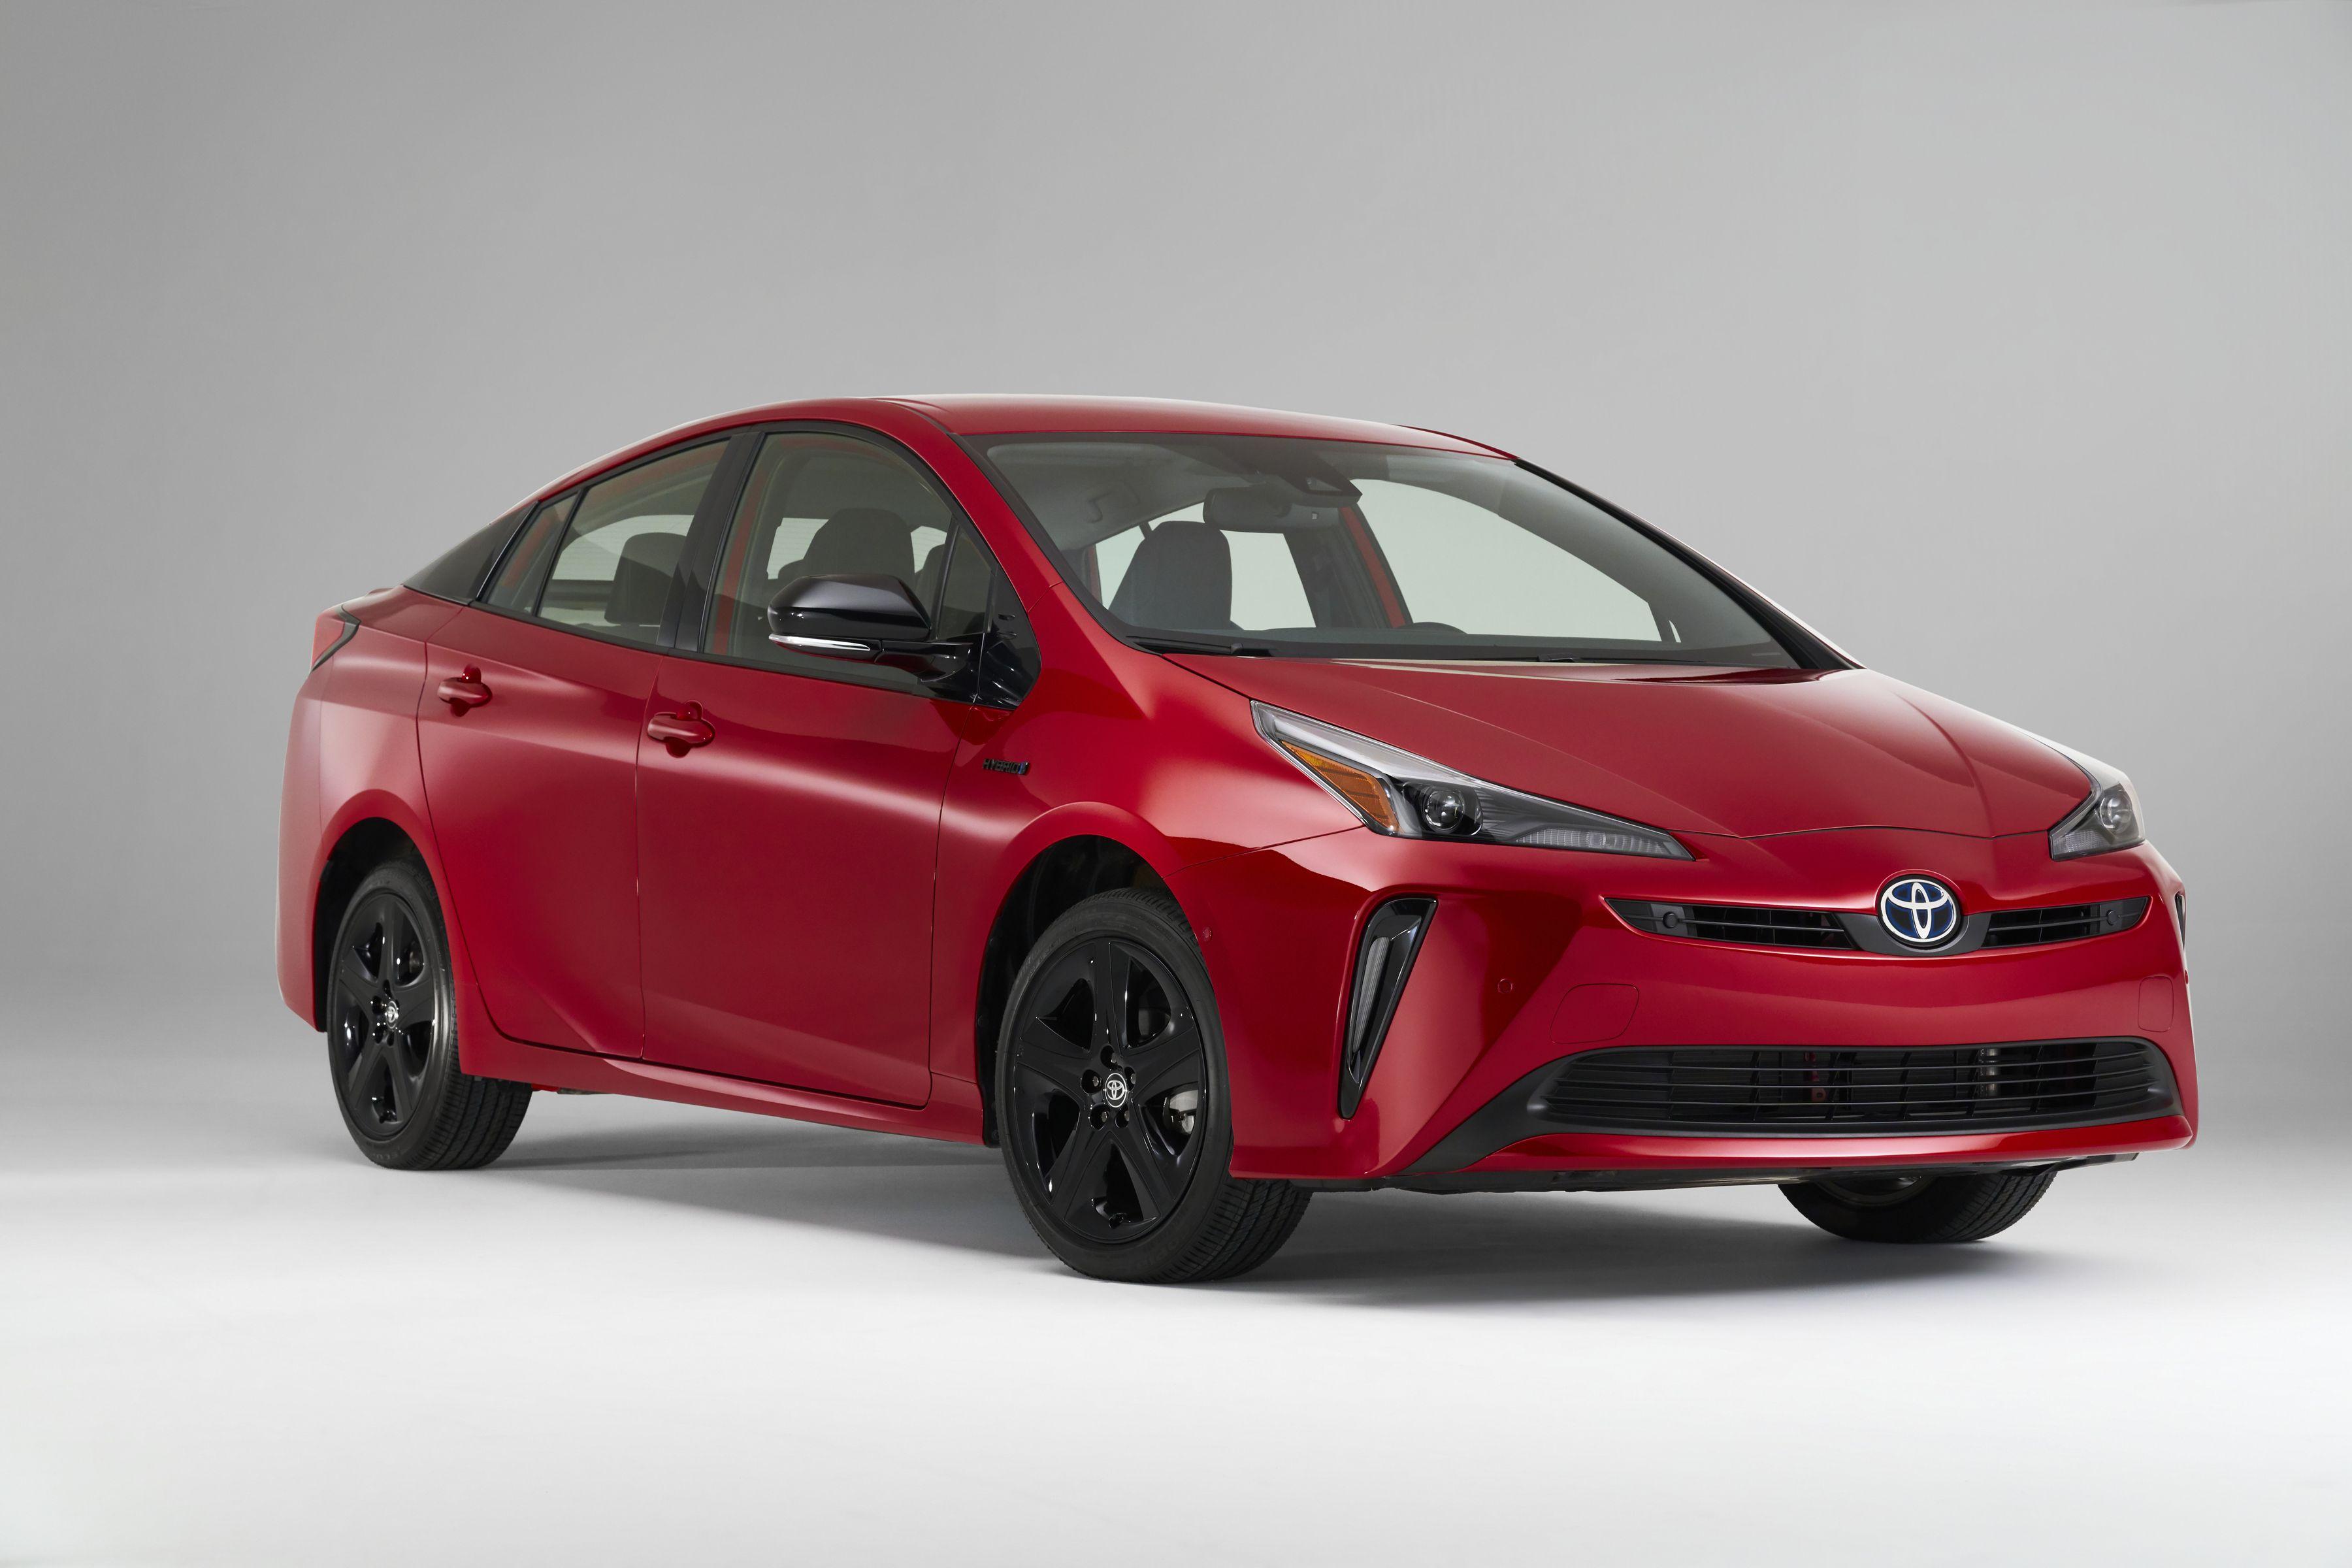 2020 Toyota Prius Picture